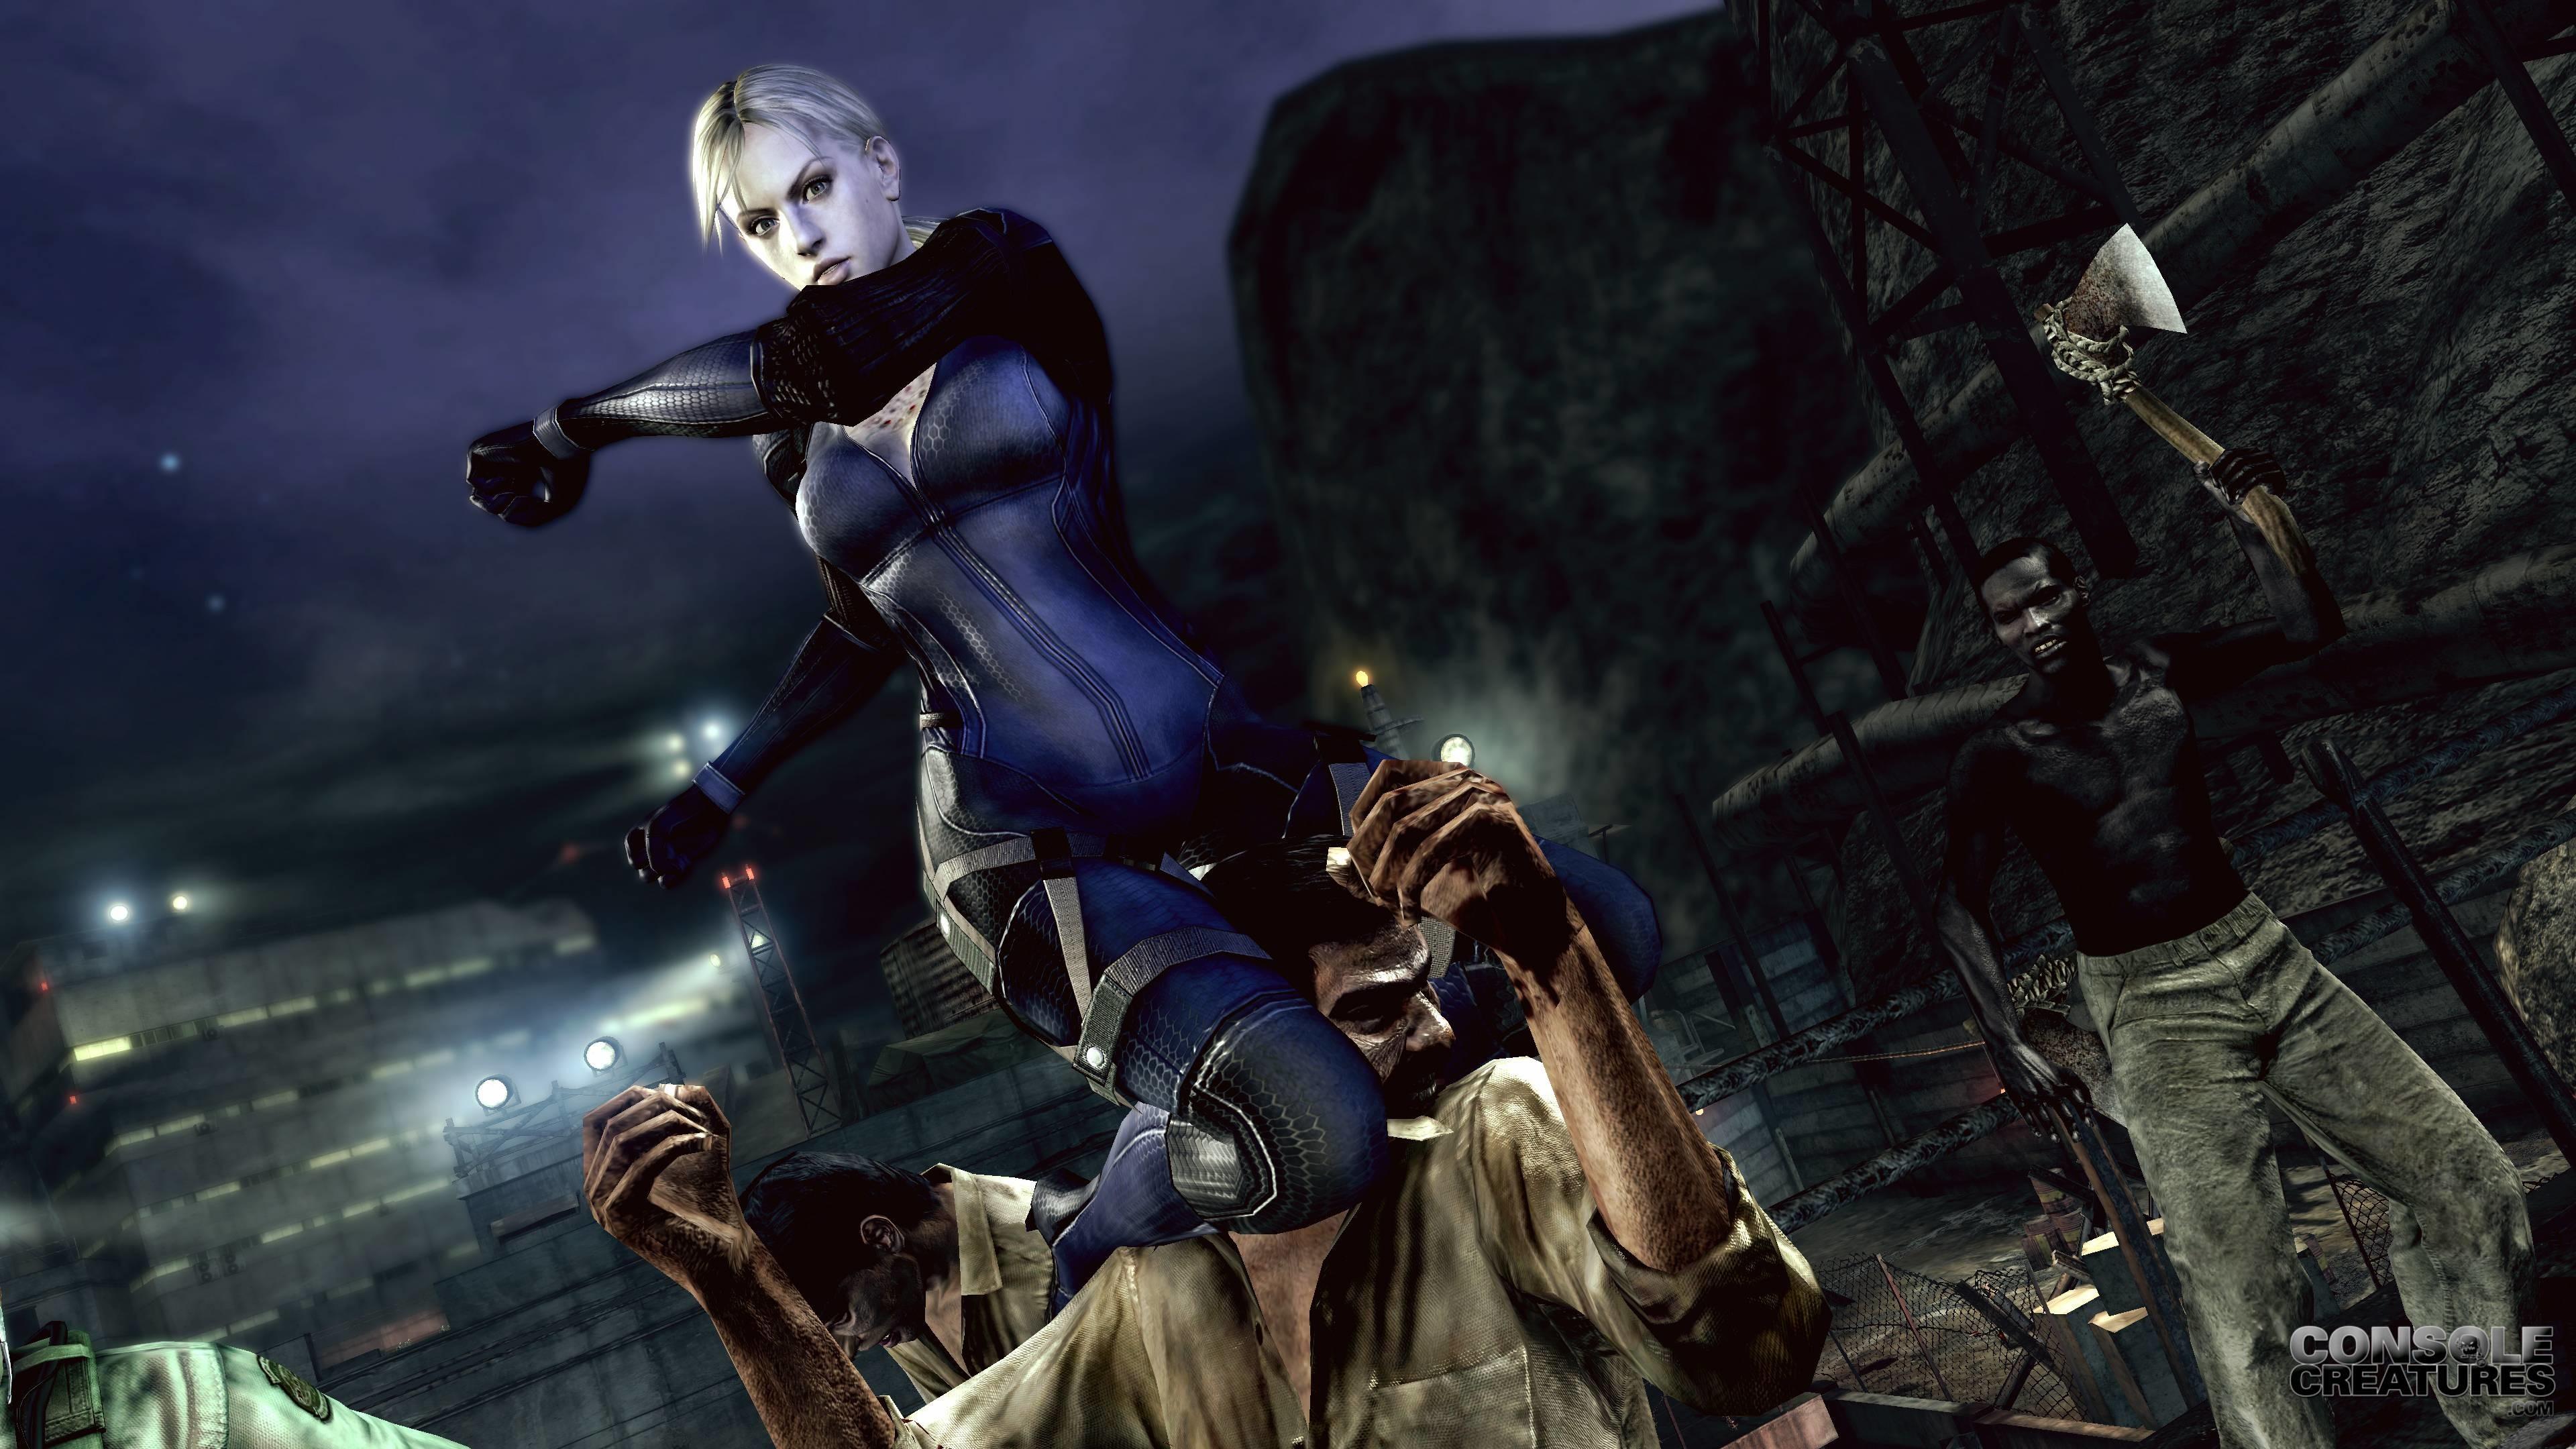 Resident evil 5 jill valentine wallpaper 76 images - Wallpaper resident evil 5 ...